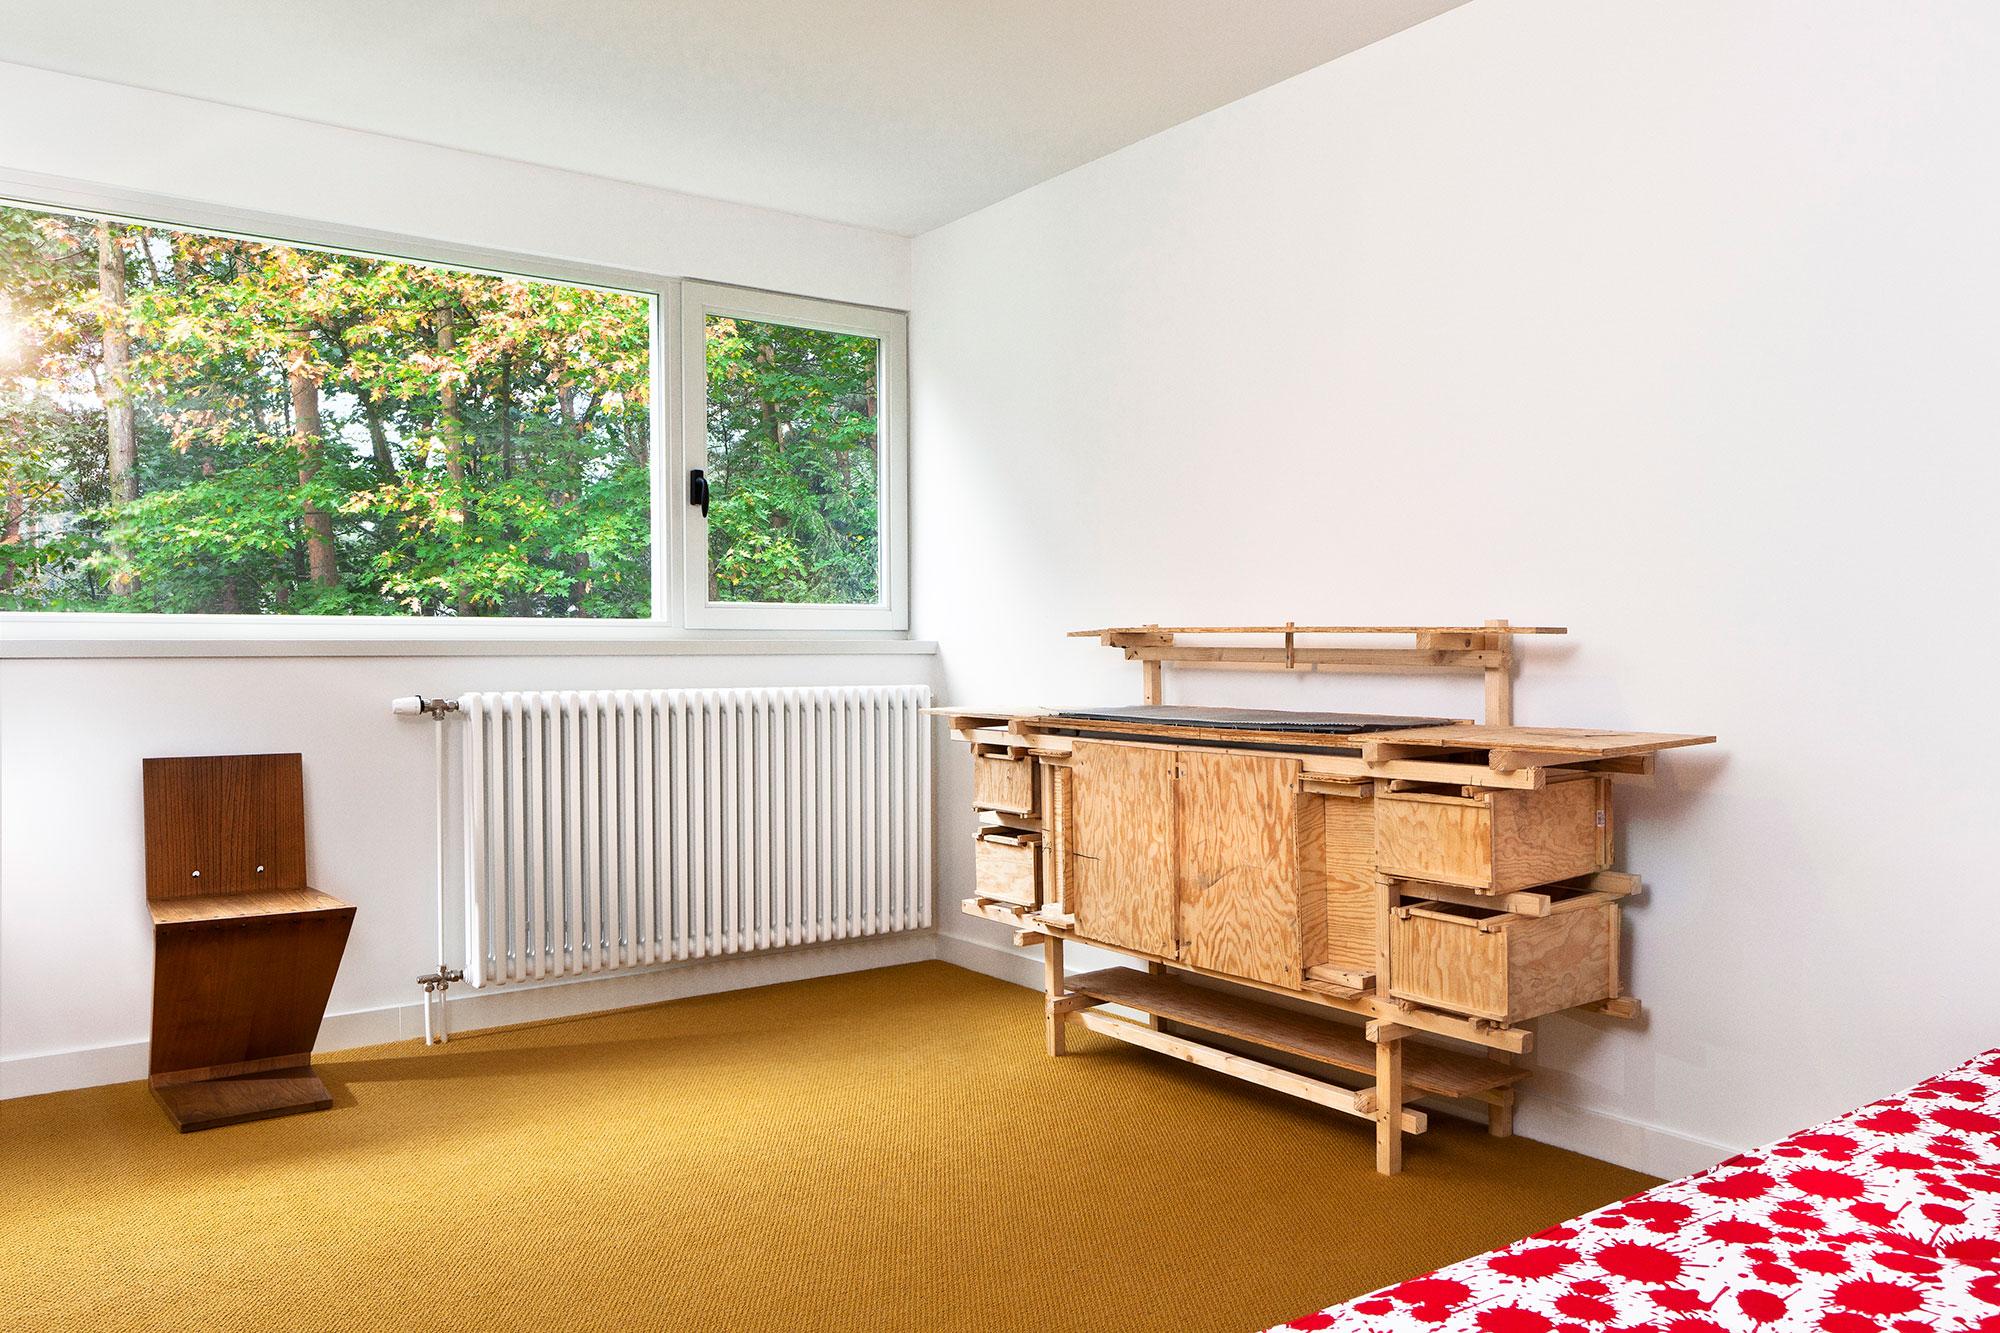 Studio-Job-House-floor1-bedroom-guest2